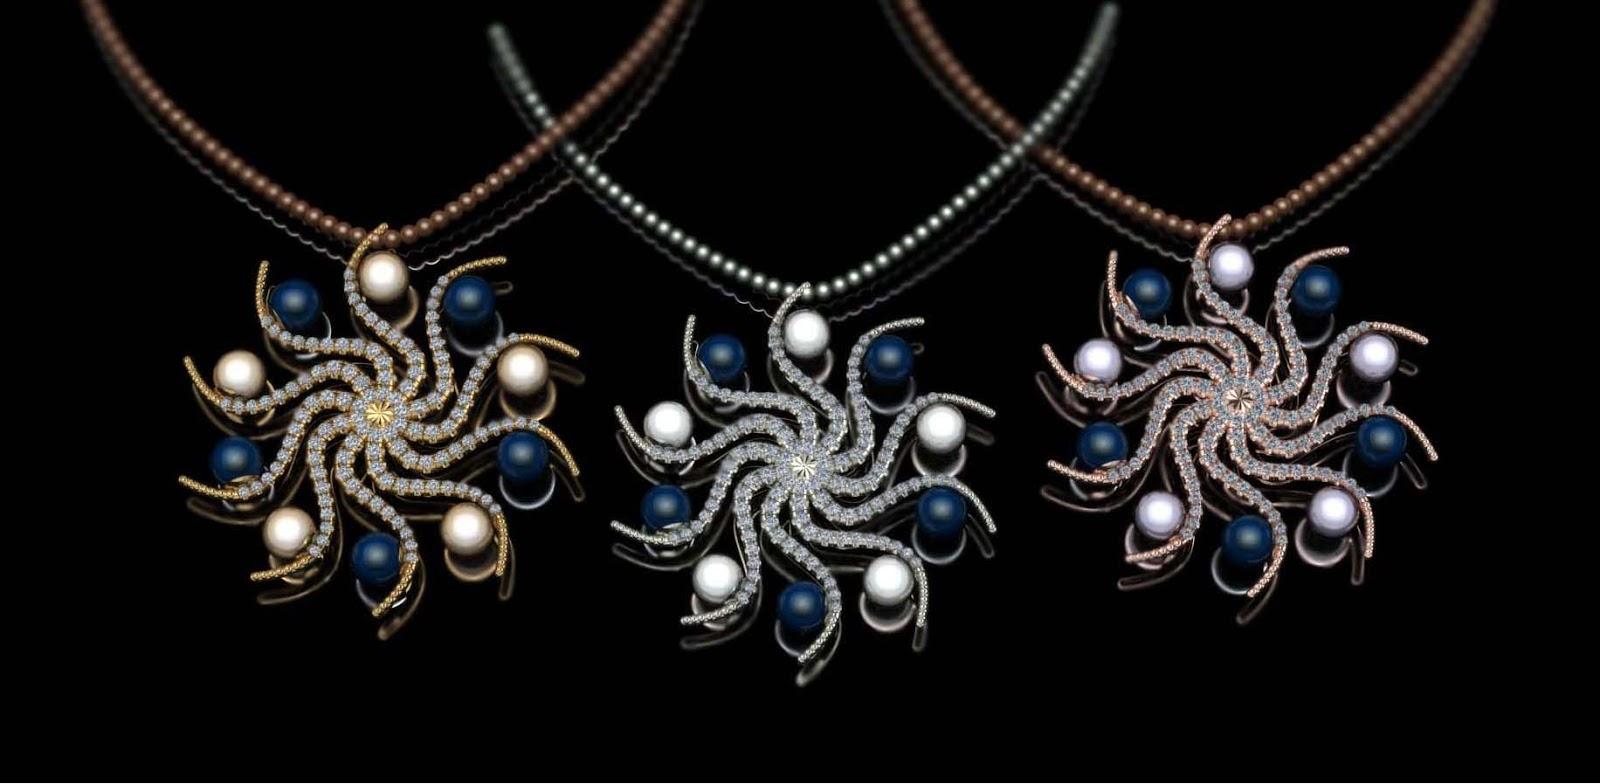 JewelryDesign jewelry